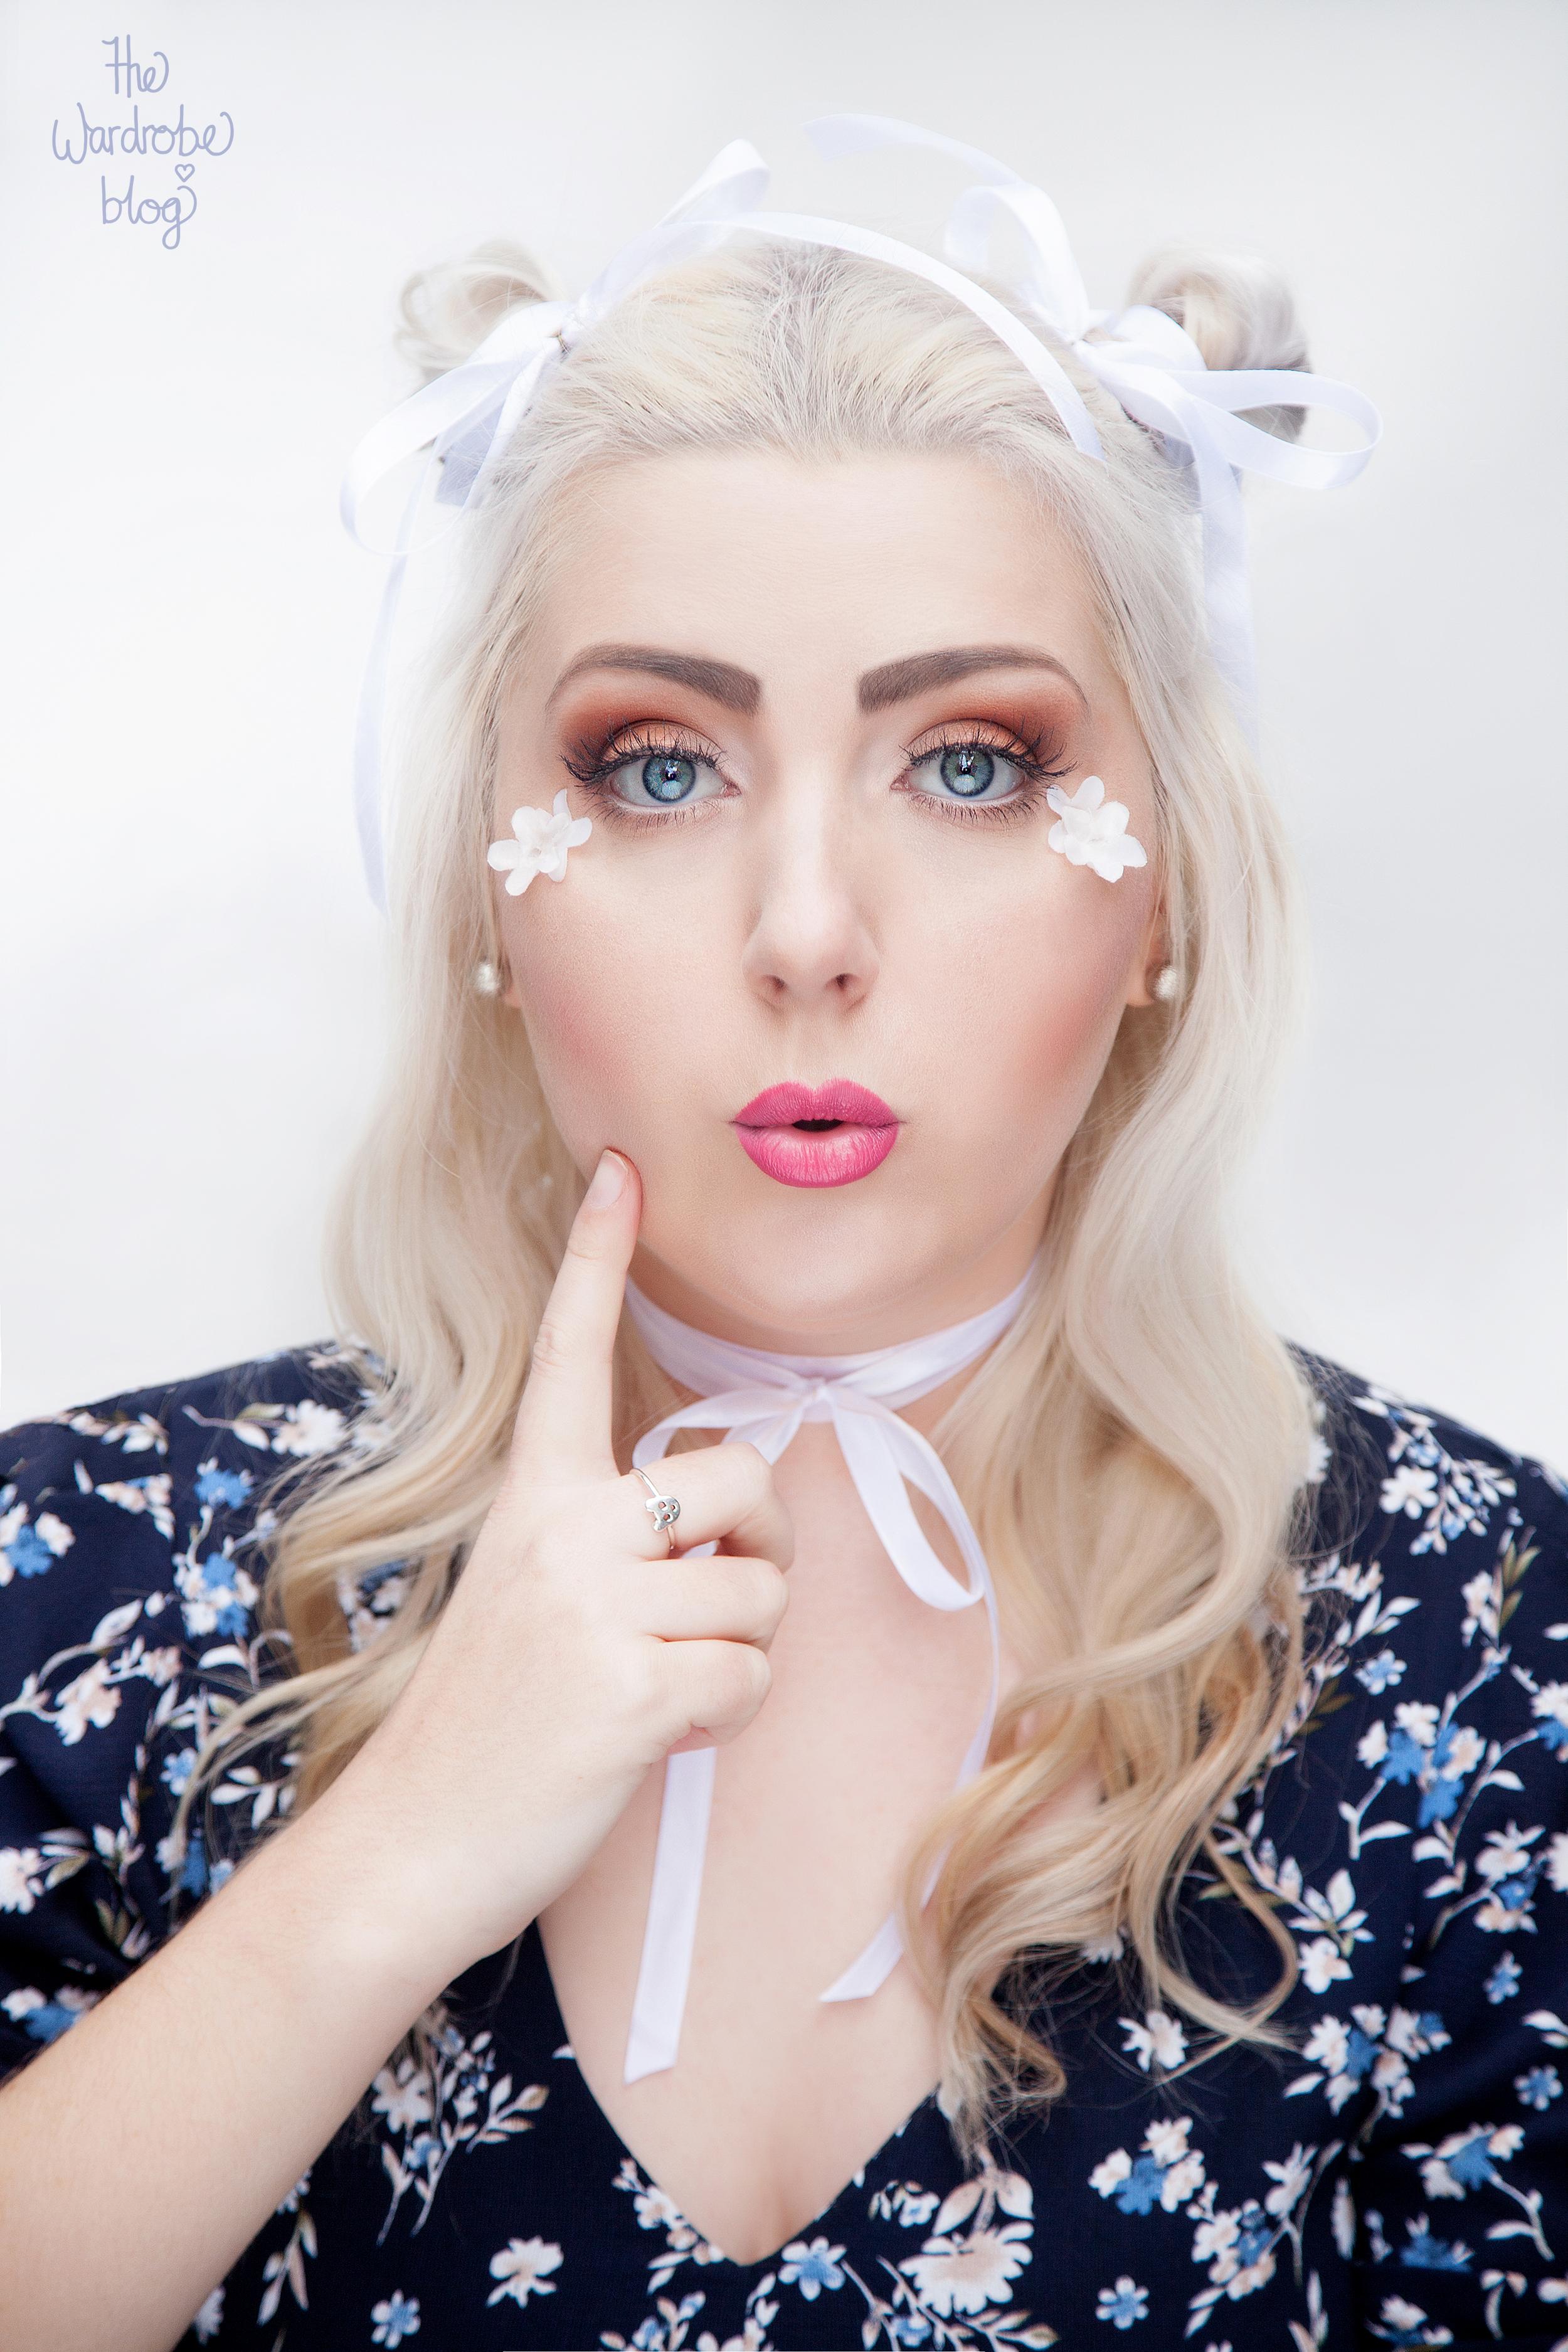 Portrait-Makeup-Fashion-White-Floral